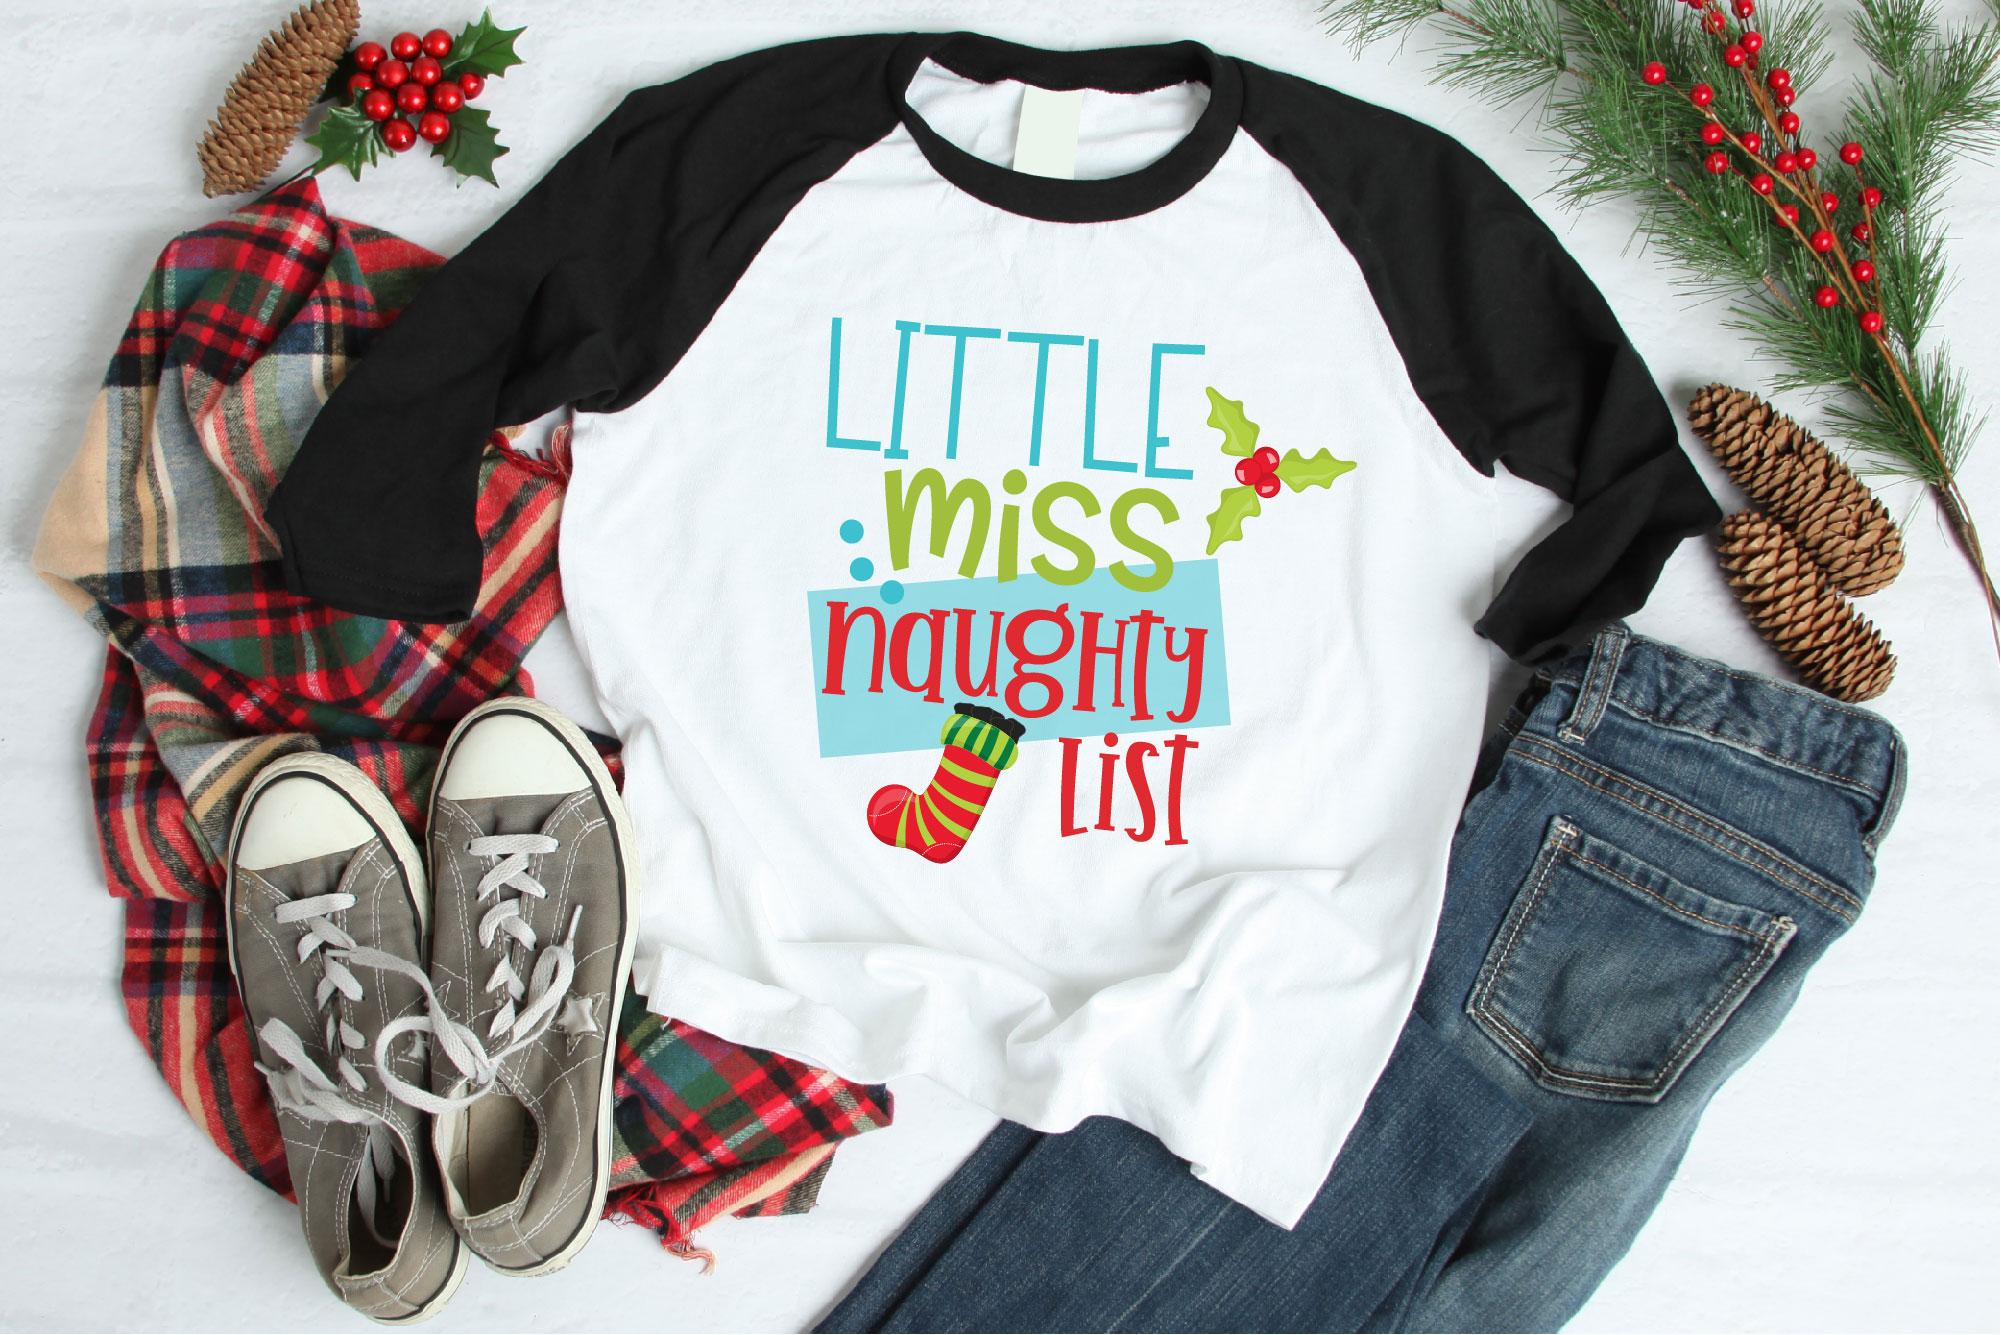 Naughty List SVG Bundle, Santa's Naughty List, Christmas example image 6